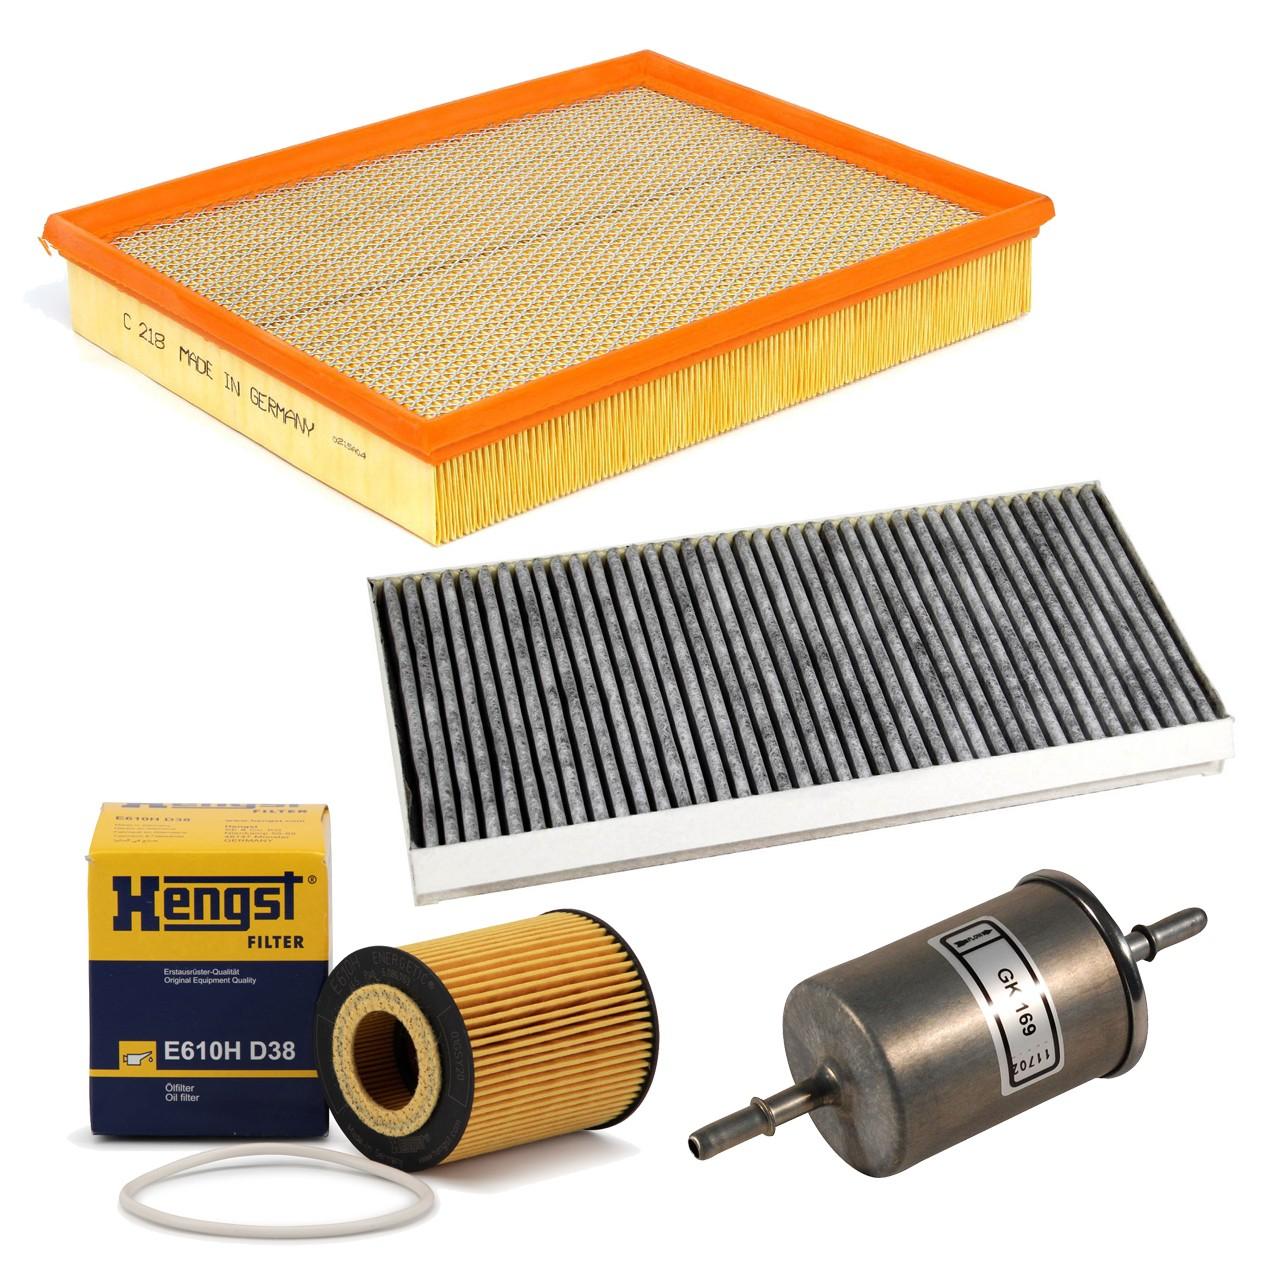 Inspektionskit Filterpaket Filterset für Opel Signum Vectra C 3.2 V6 211PS Z32SE